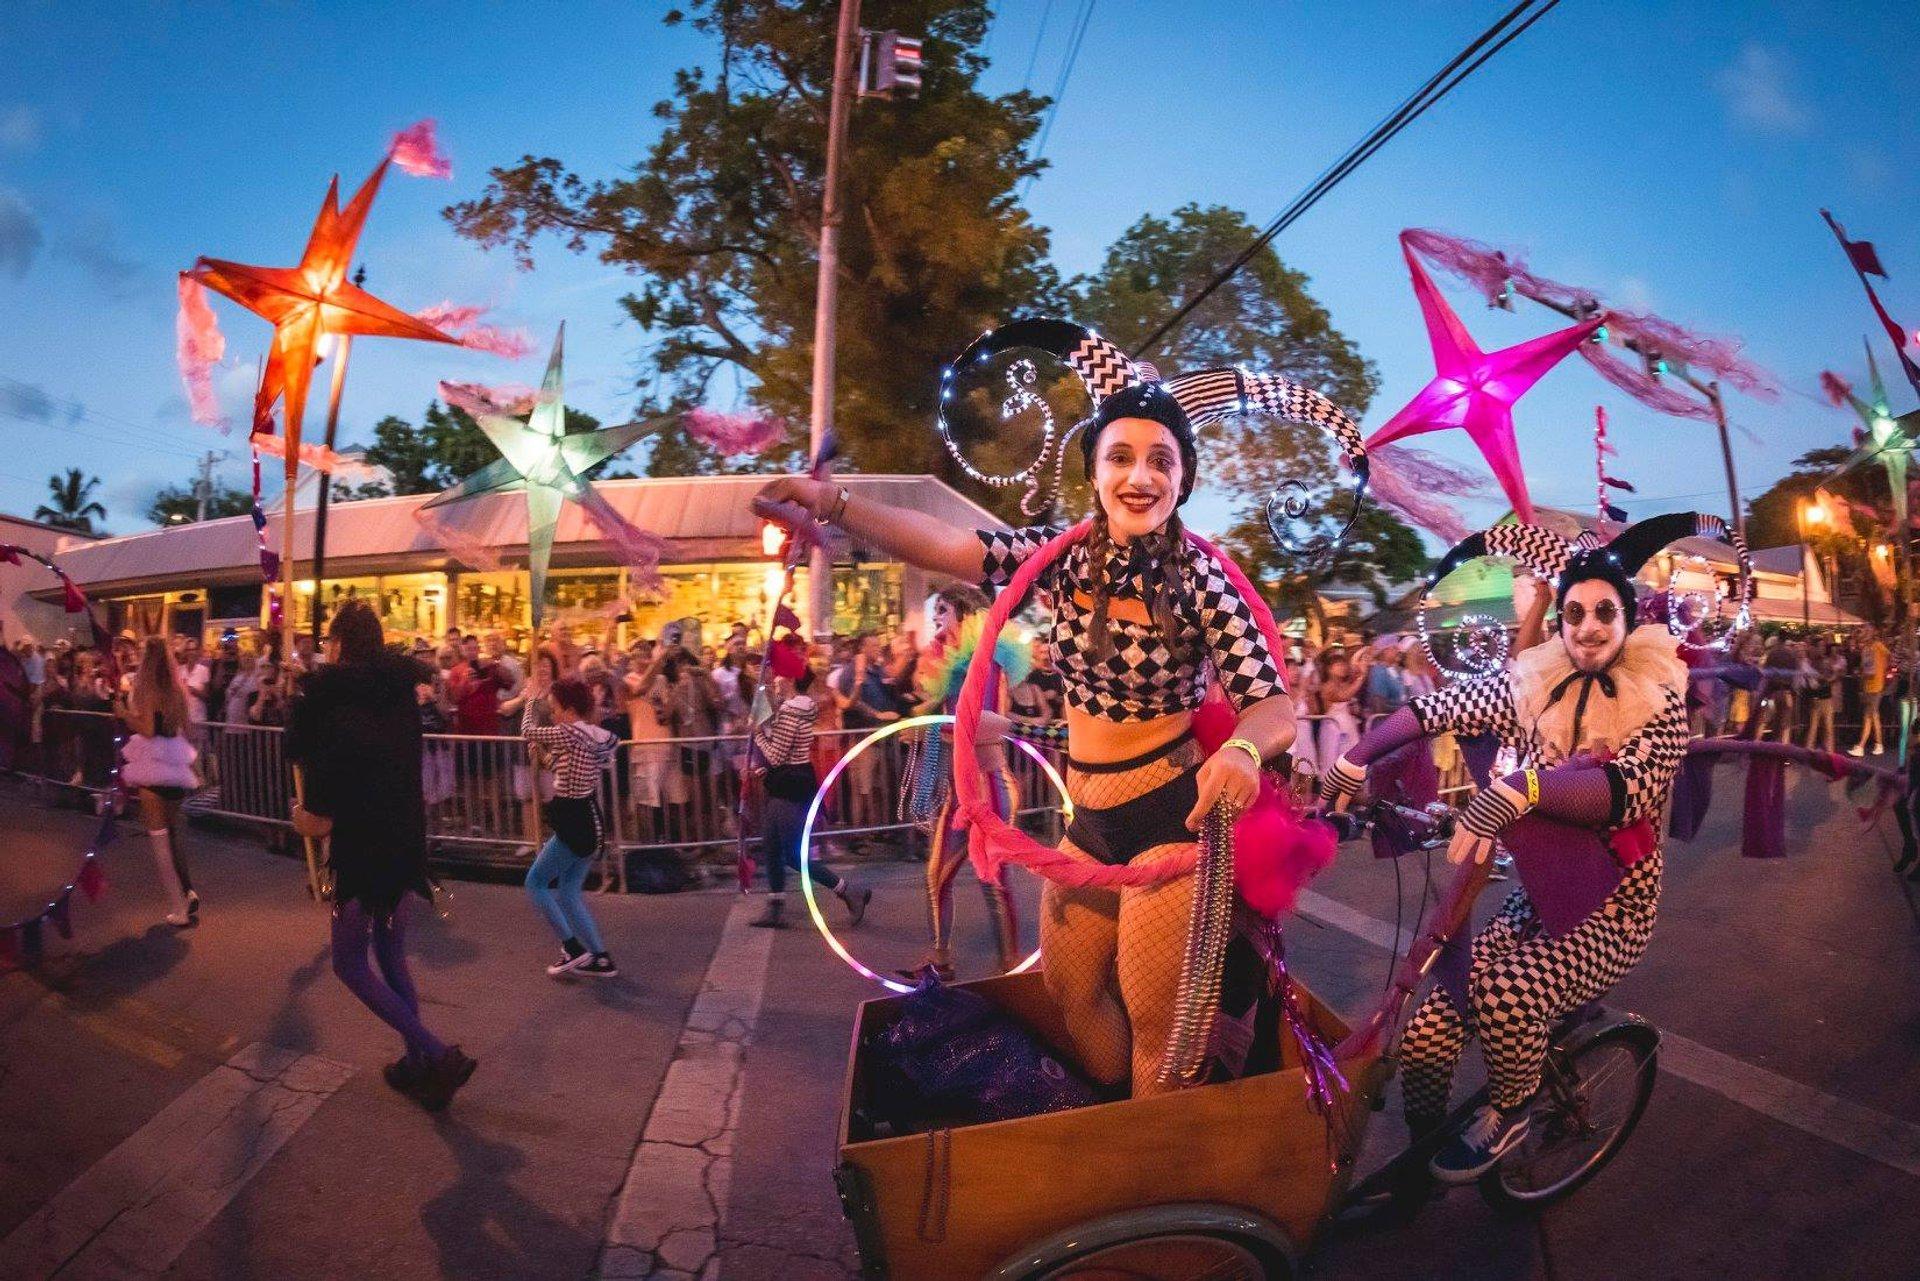 Fantasy Fest in Key West & Florida Keys 2020 - Best Time